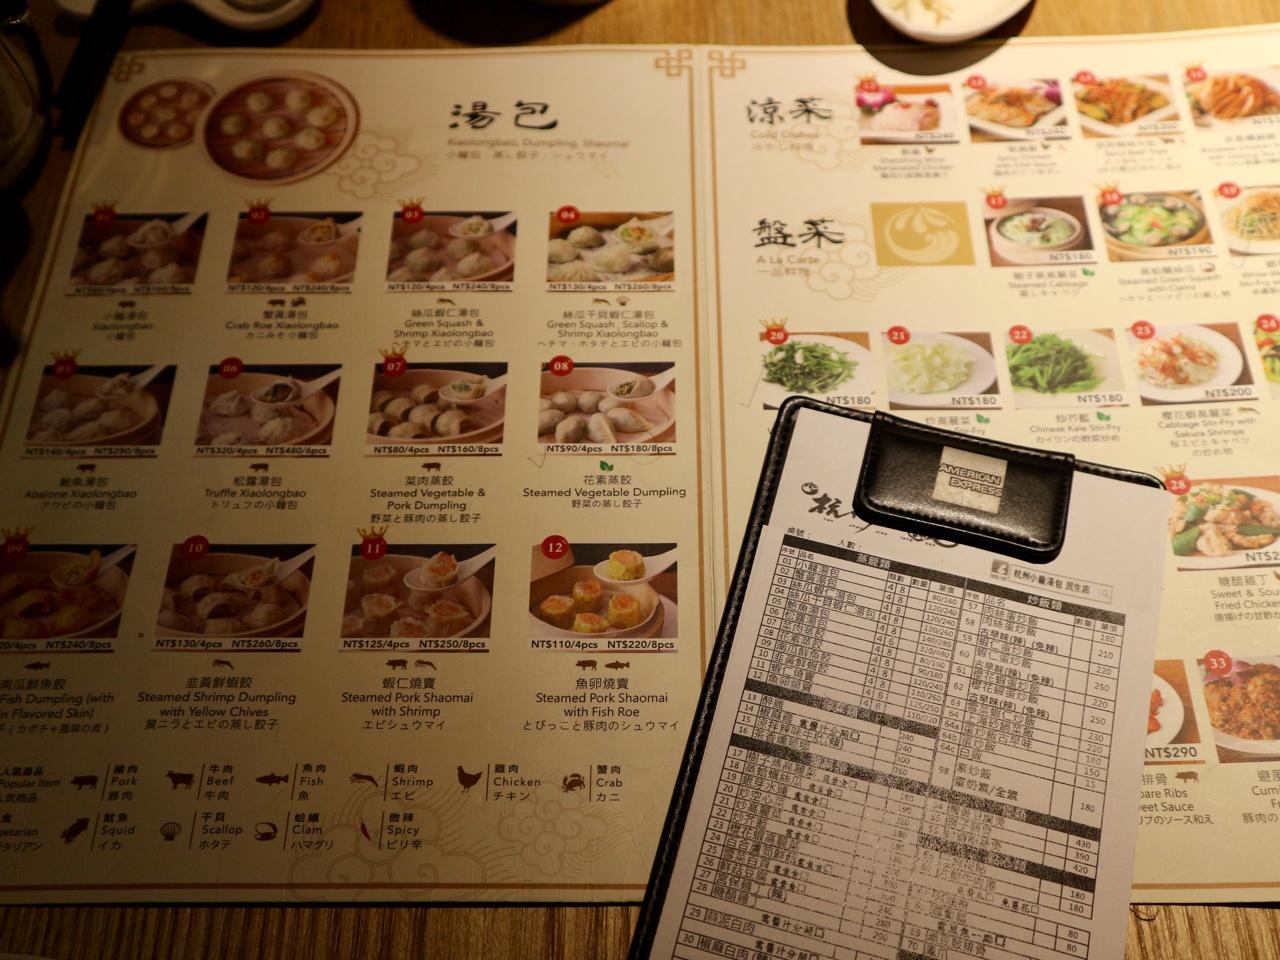 メニュー表には写真や日本語訳有